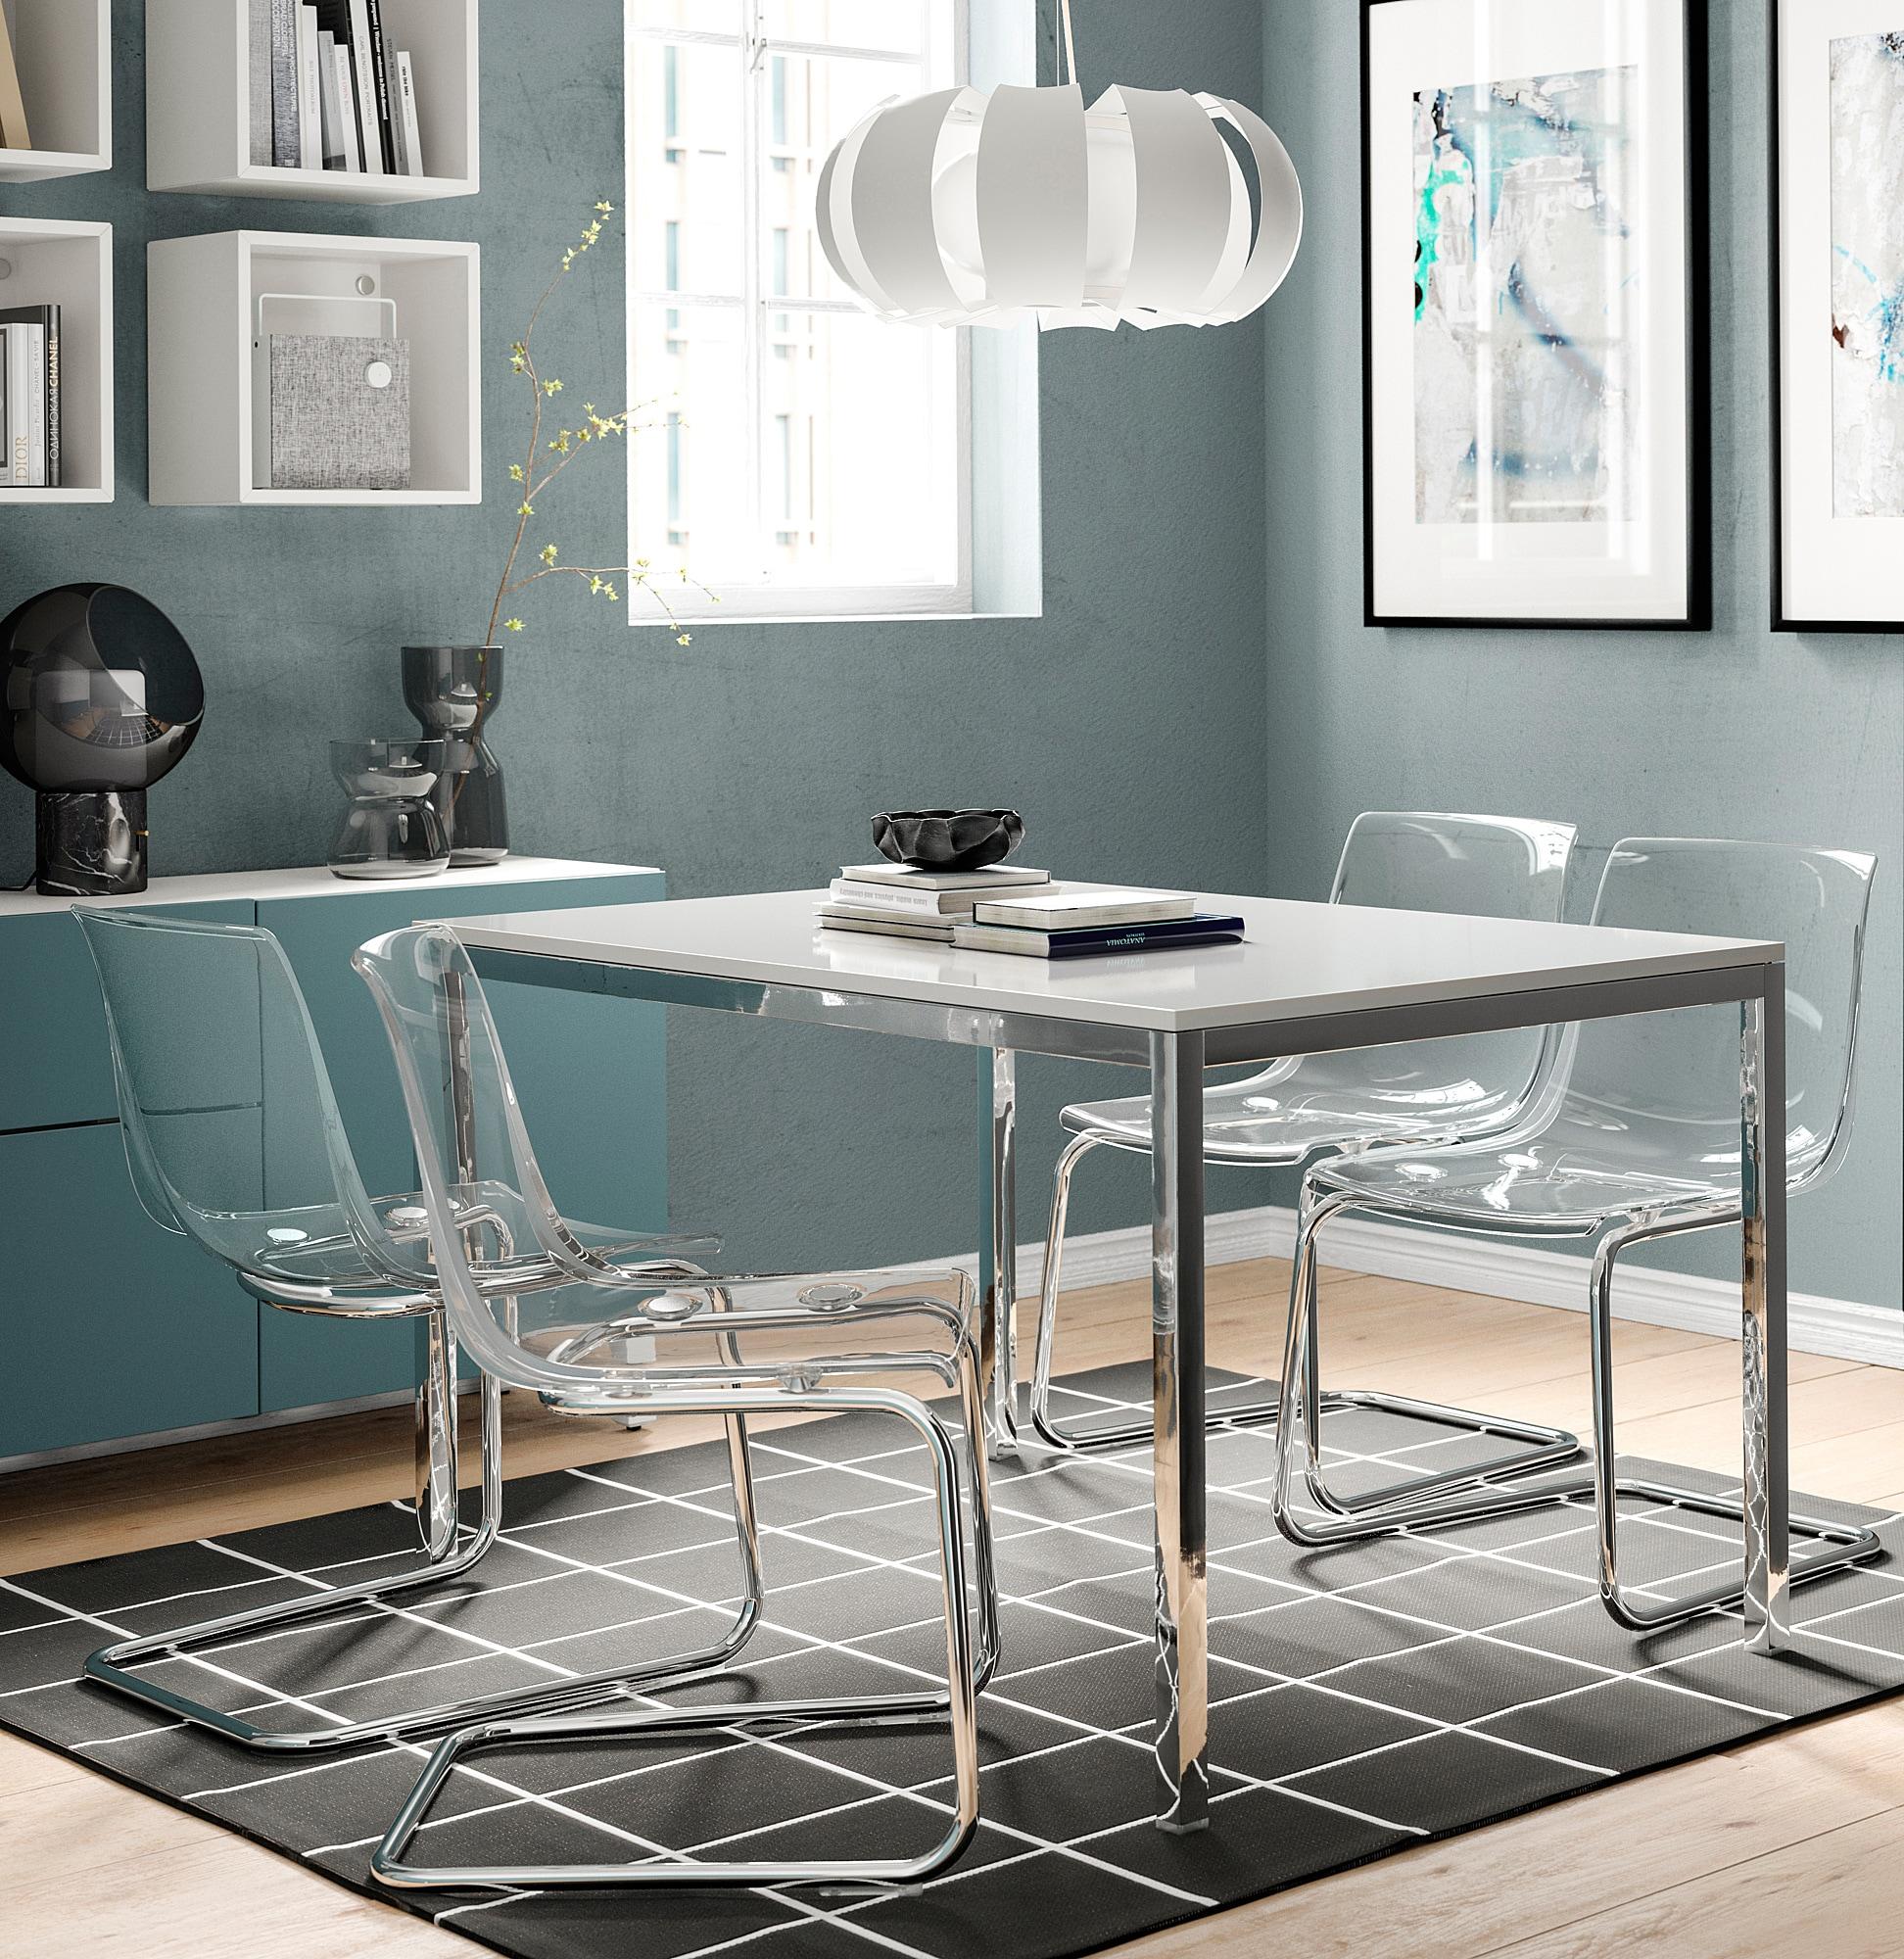 Torsby Tisch Verchromt Hochglanz Weiss Ikea Osterreich White Glass Dining Table High Gloss White Ikea Glass Dining Table